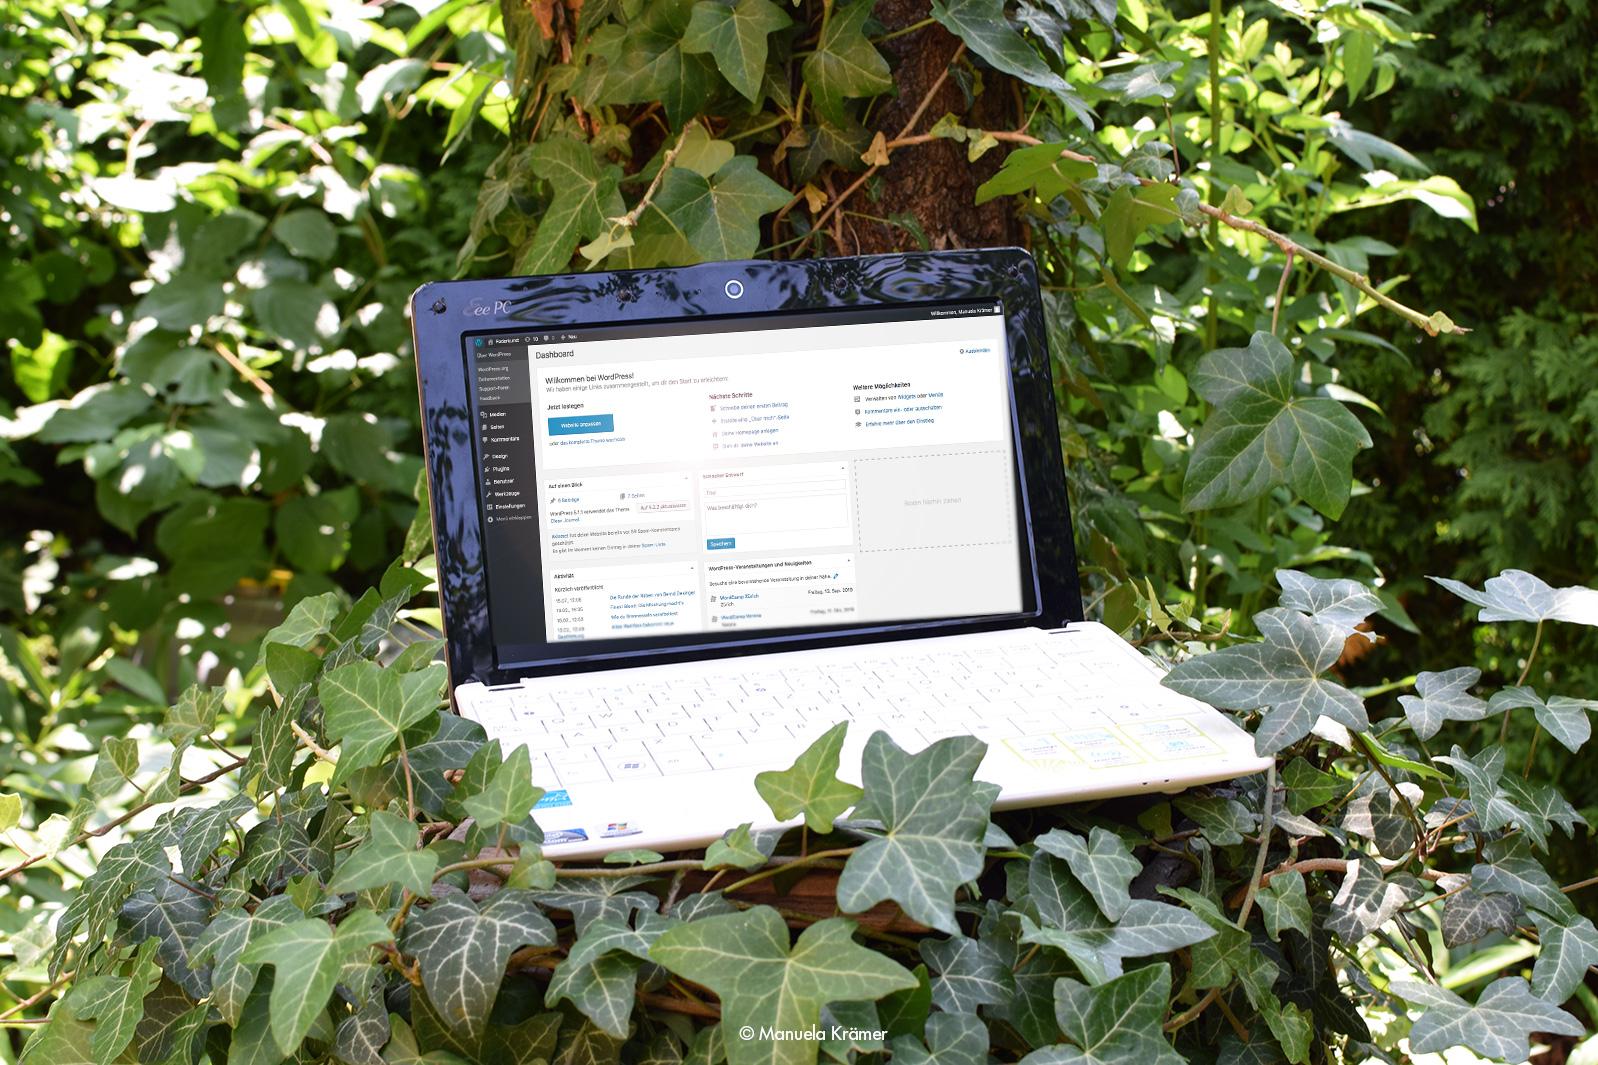 Laptop auf Baumstumpf zeigt Blogtexte von Manuela Krämer • Federkunst